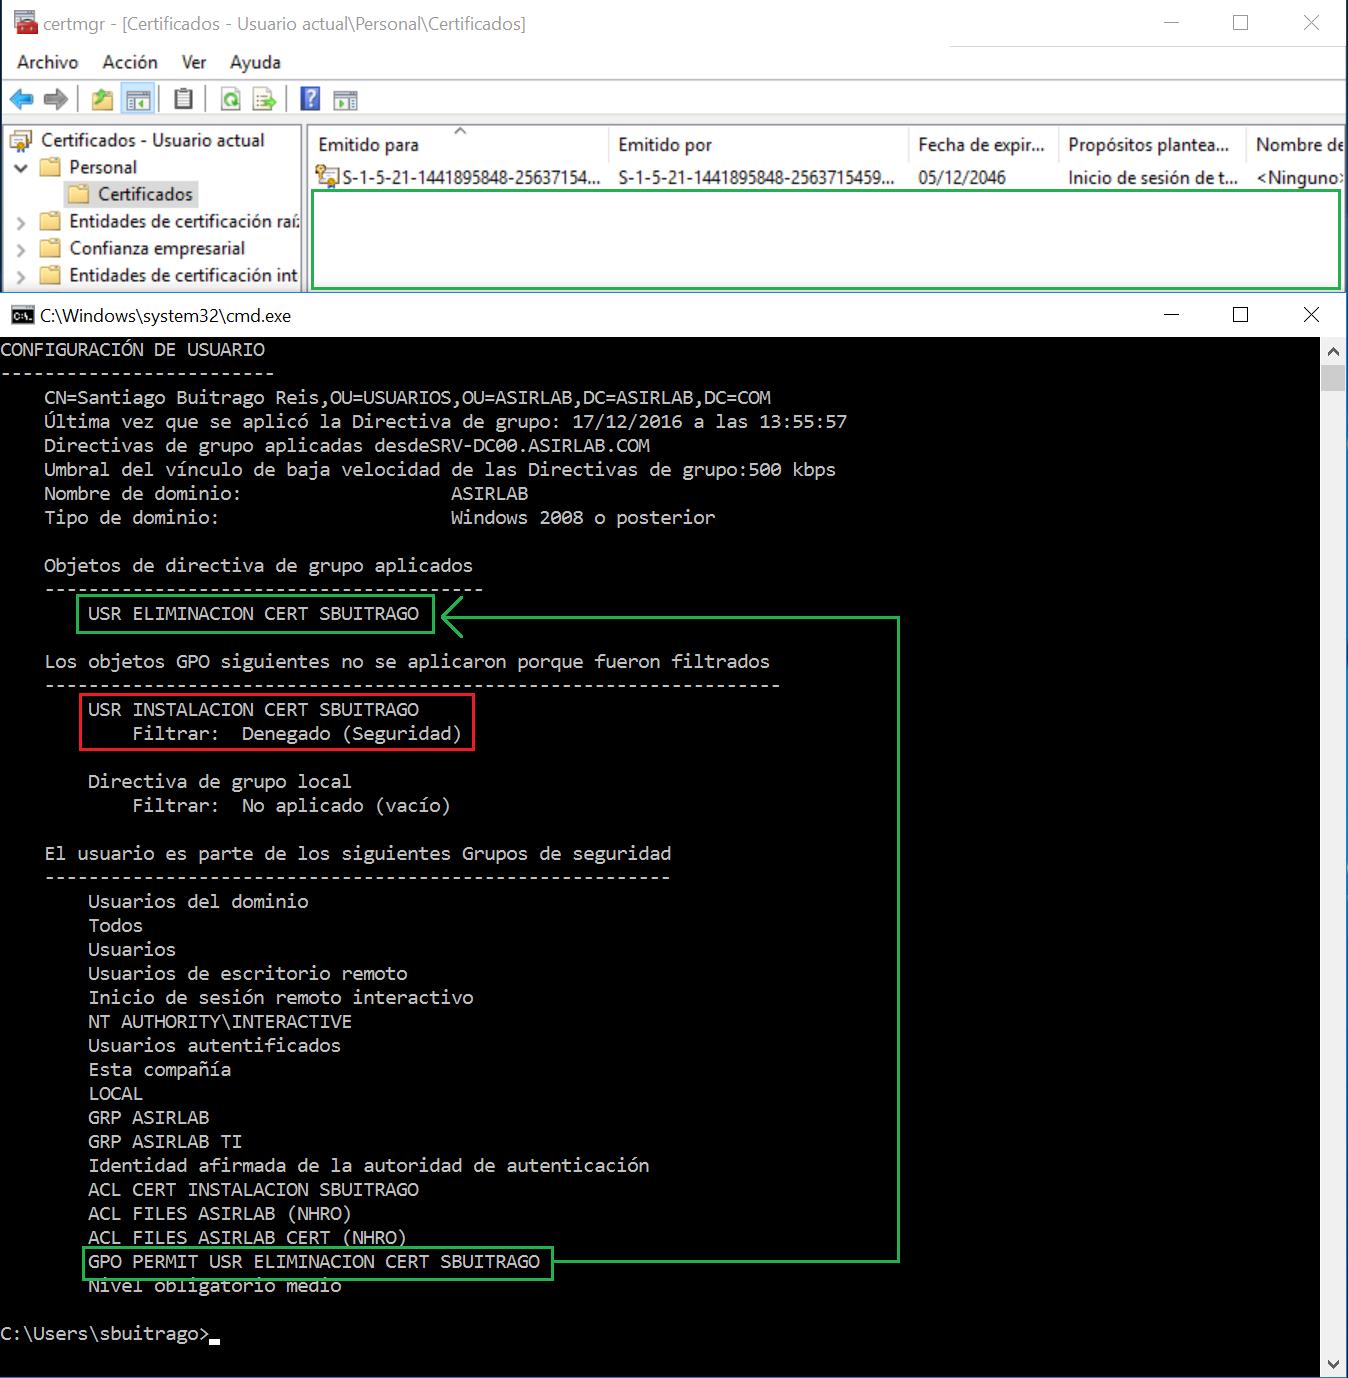 instalar_certificados_usuarios_via_gpo_45